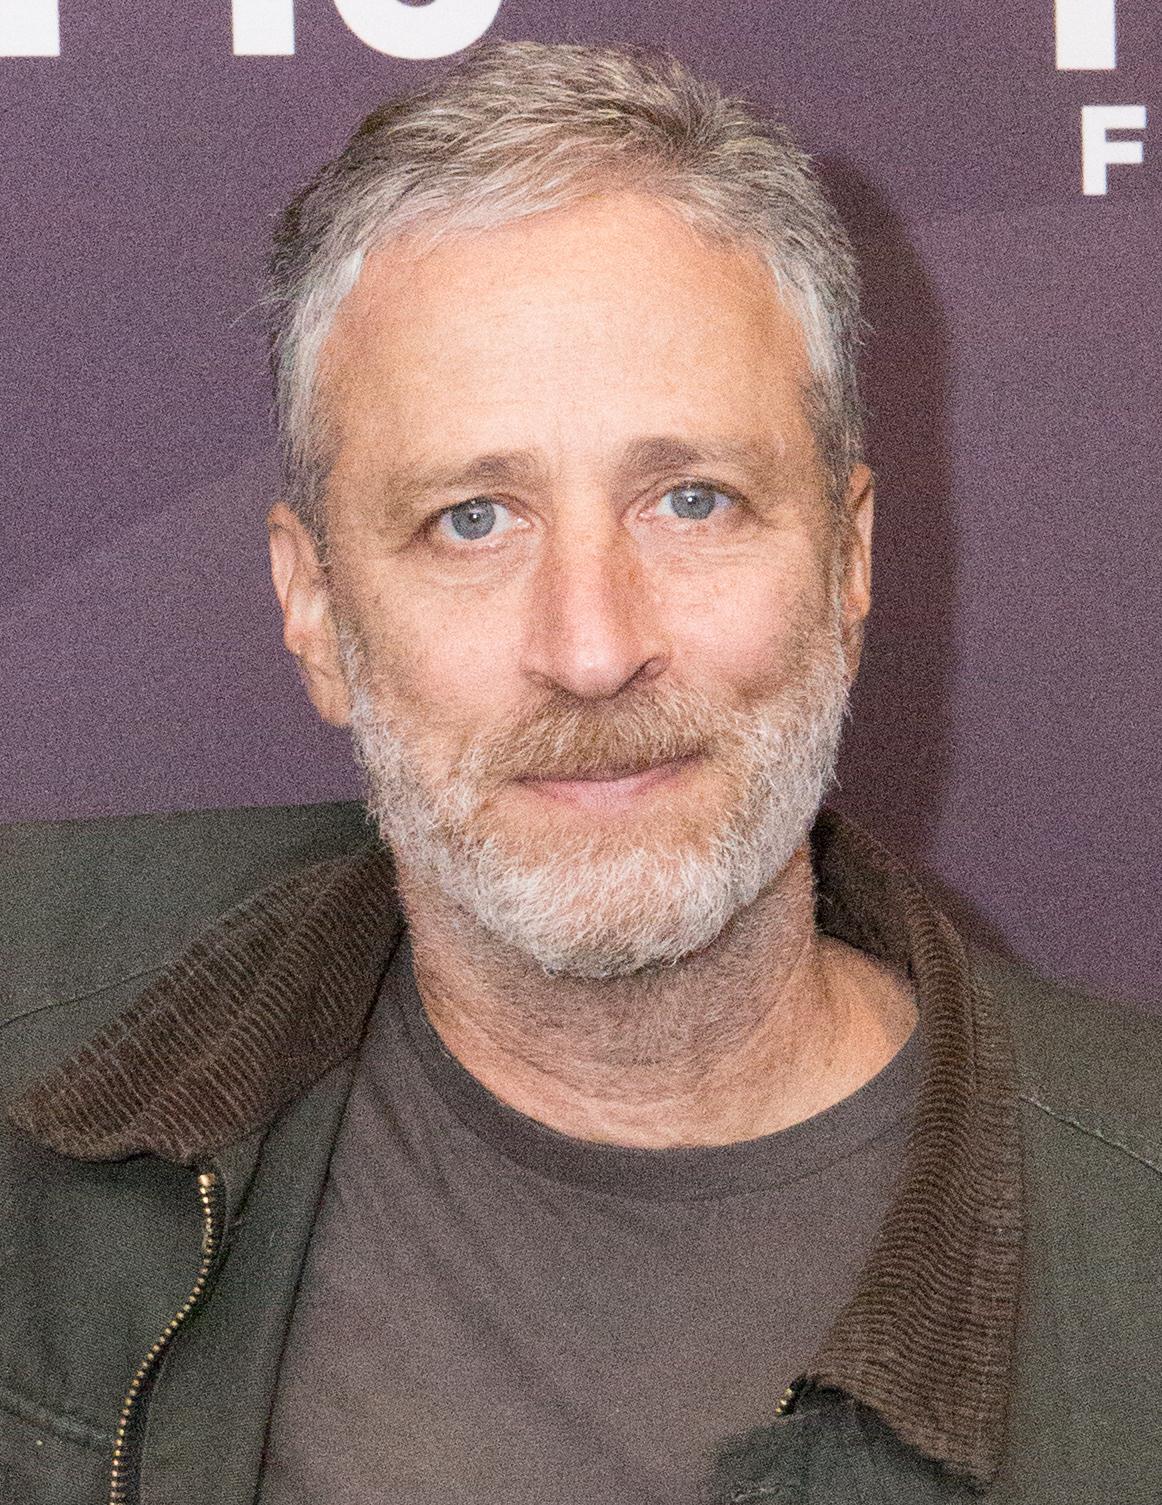 Veja o que saiu no Migalhas sobre Jon Stewart